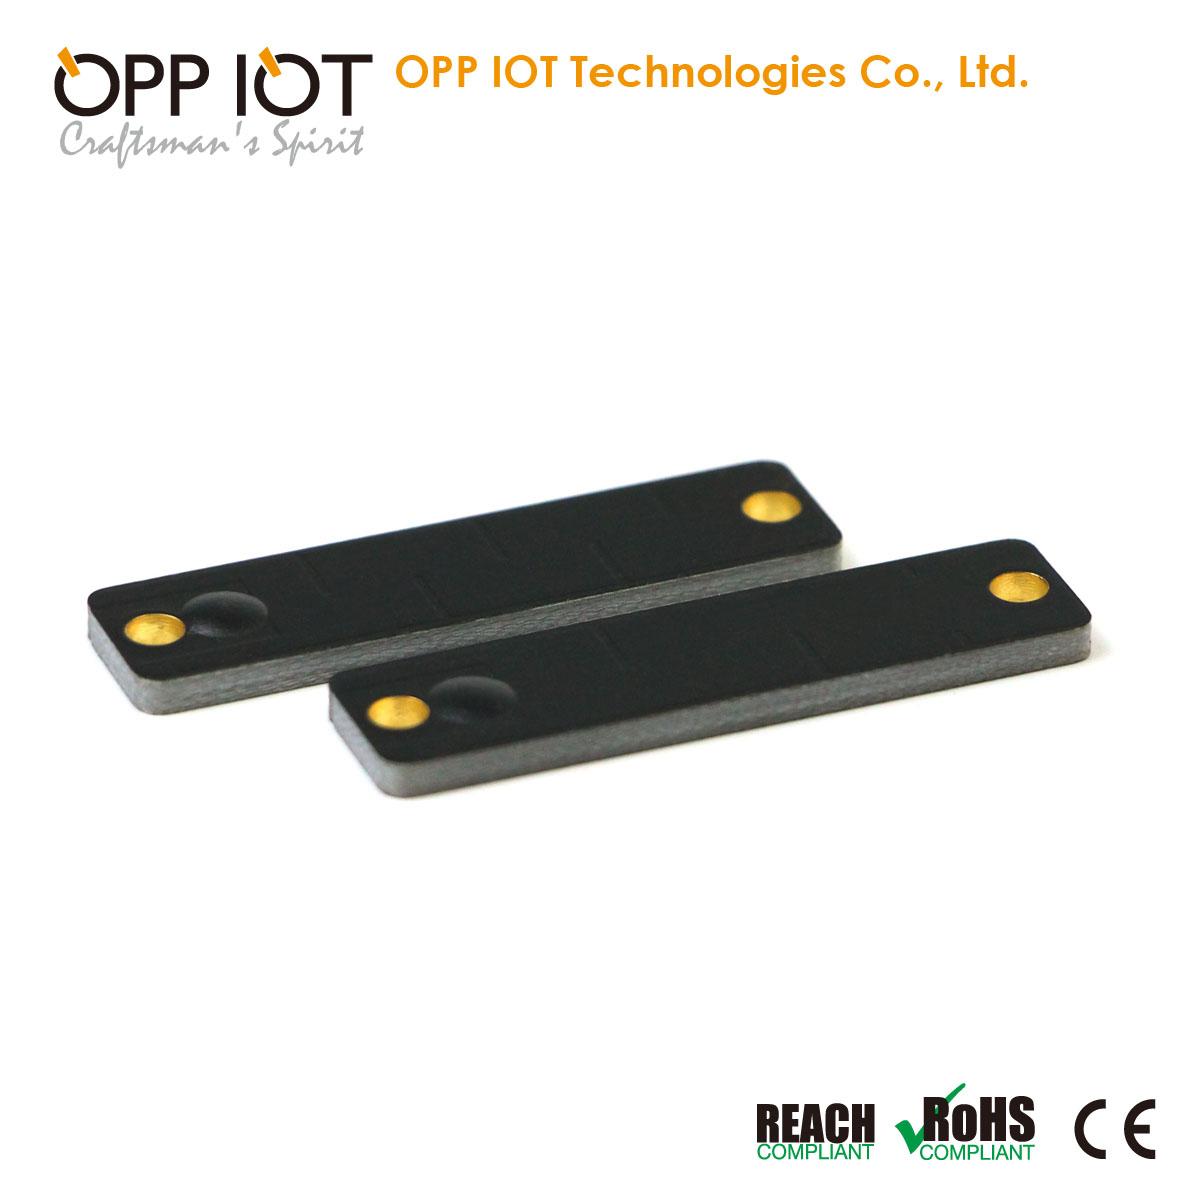 Impinnj Monza4qt Gas Equipment Tracking UHF Metal Tag